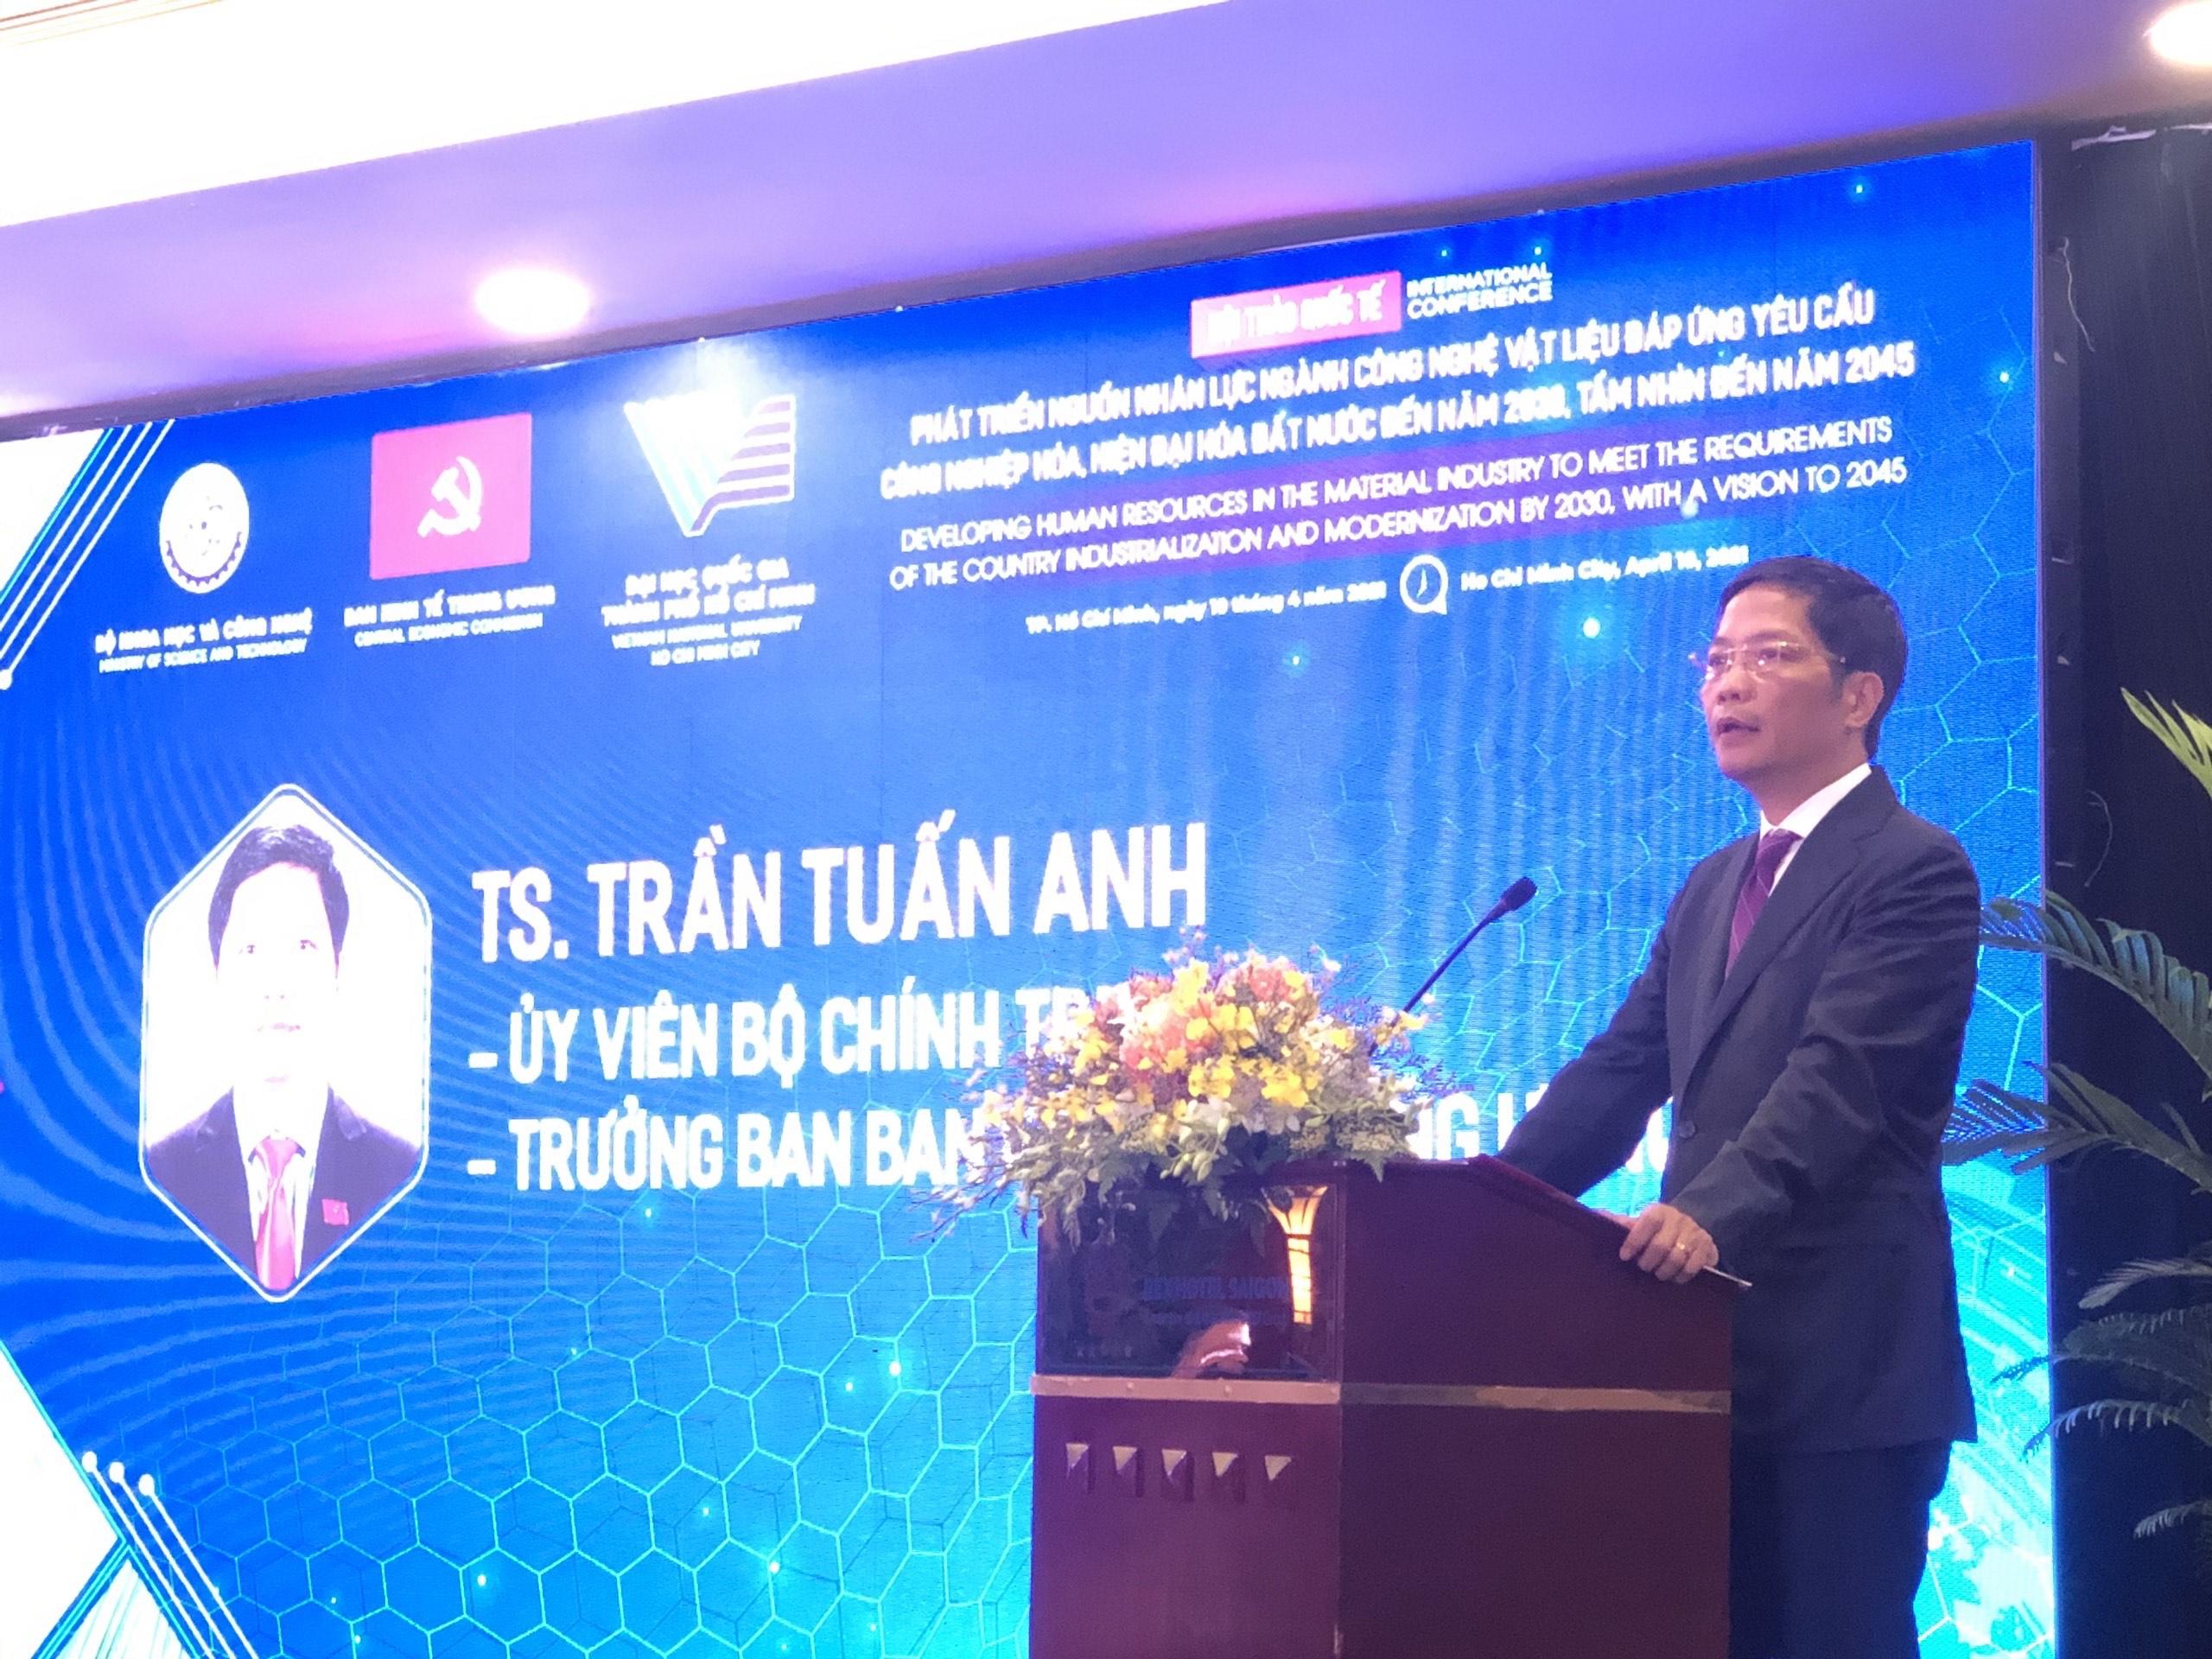 Ông Trần Tuấn Anh - Trưởng ban Kinh tế Trung ương phát biểu tại hội thảo. Nguồn: BTC